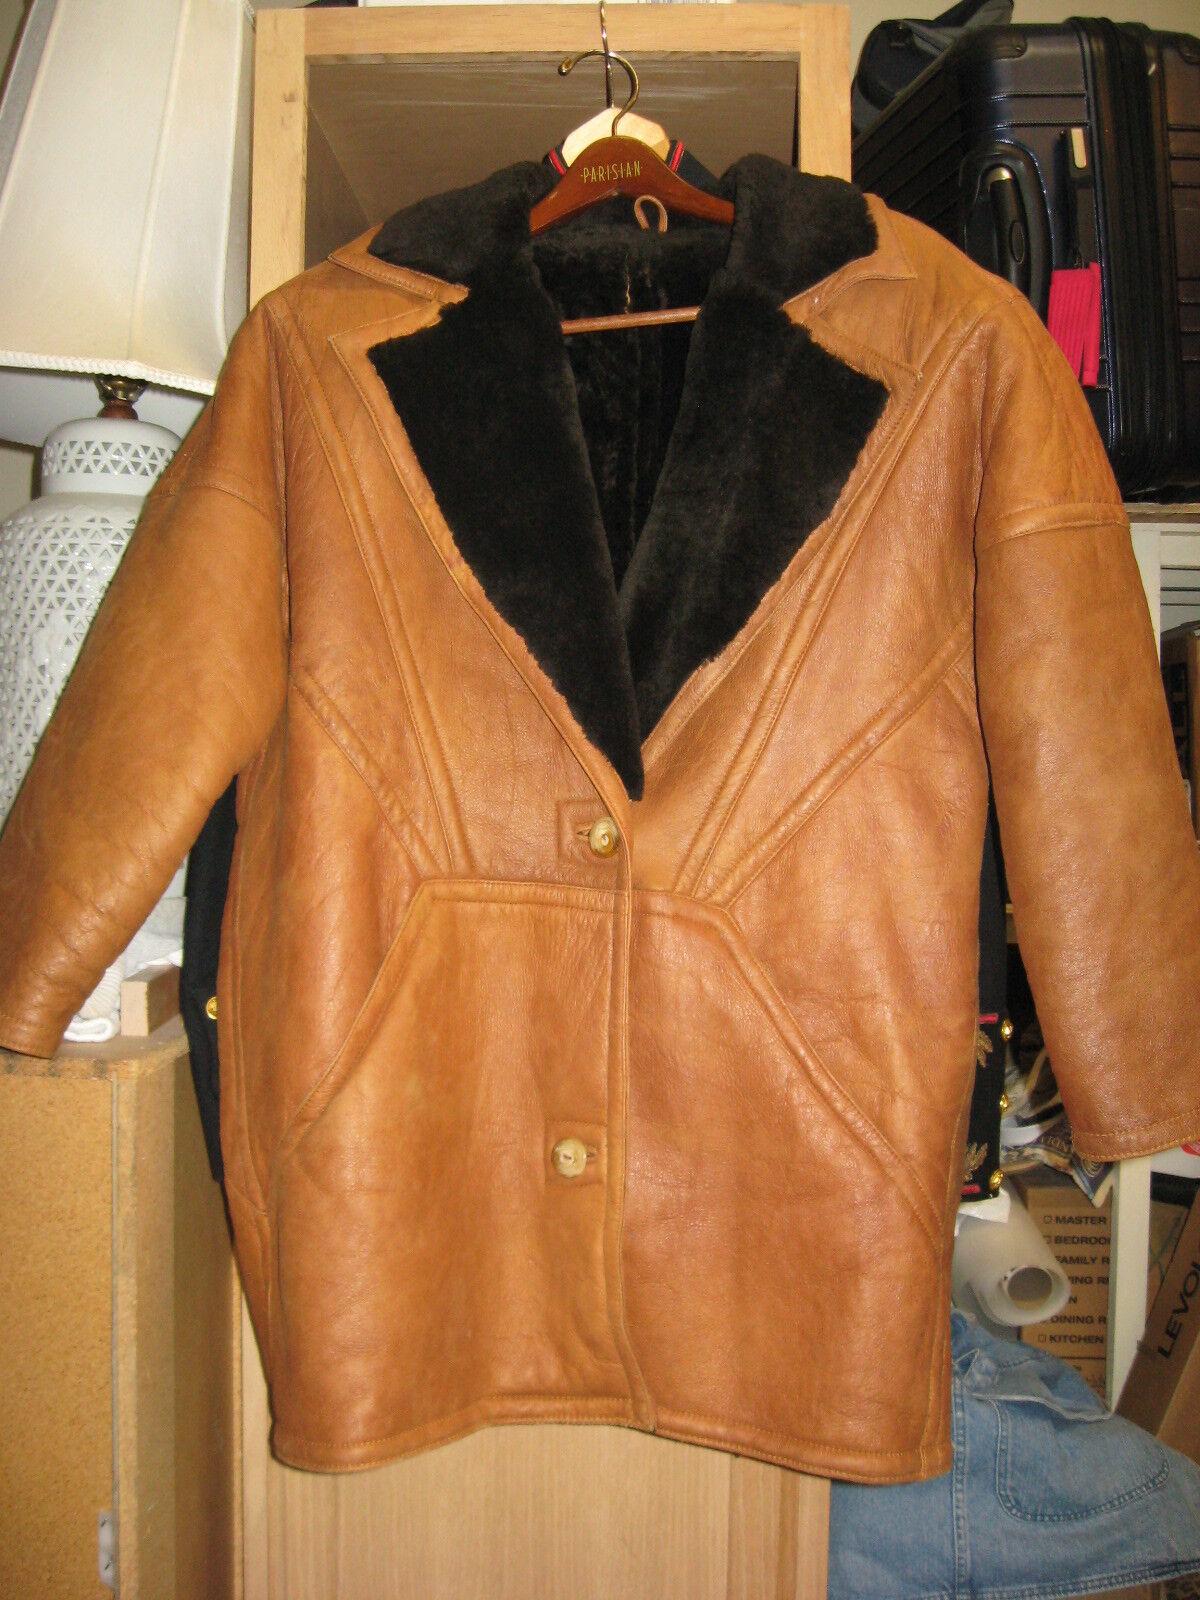 L @ @ K  Hermosos hechos en  EE. UU. mujer Shearling Abrigo de piel de oveja VF + tarde 1980s  connotación de lujo discreta